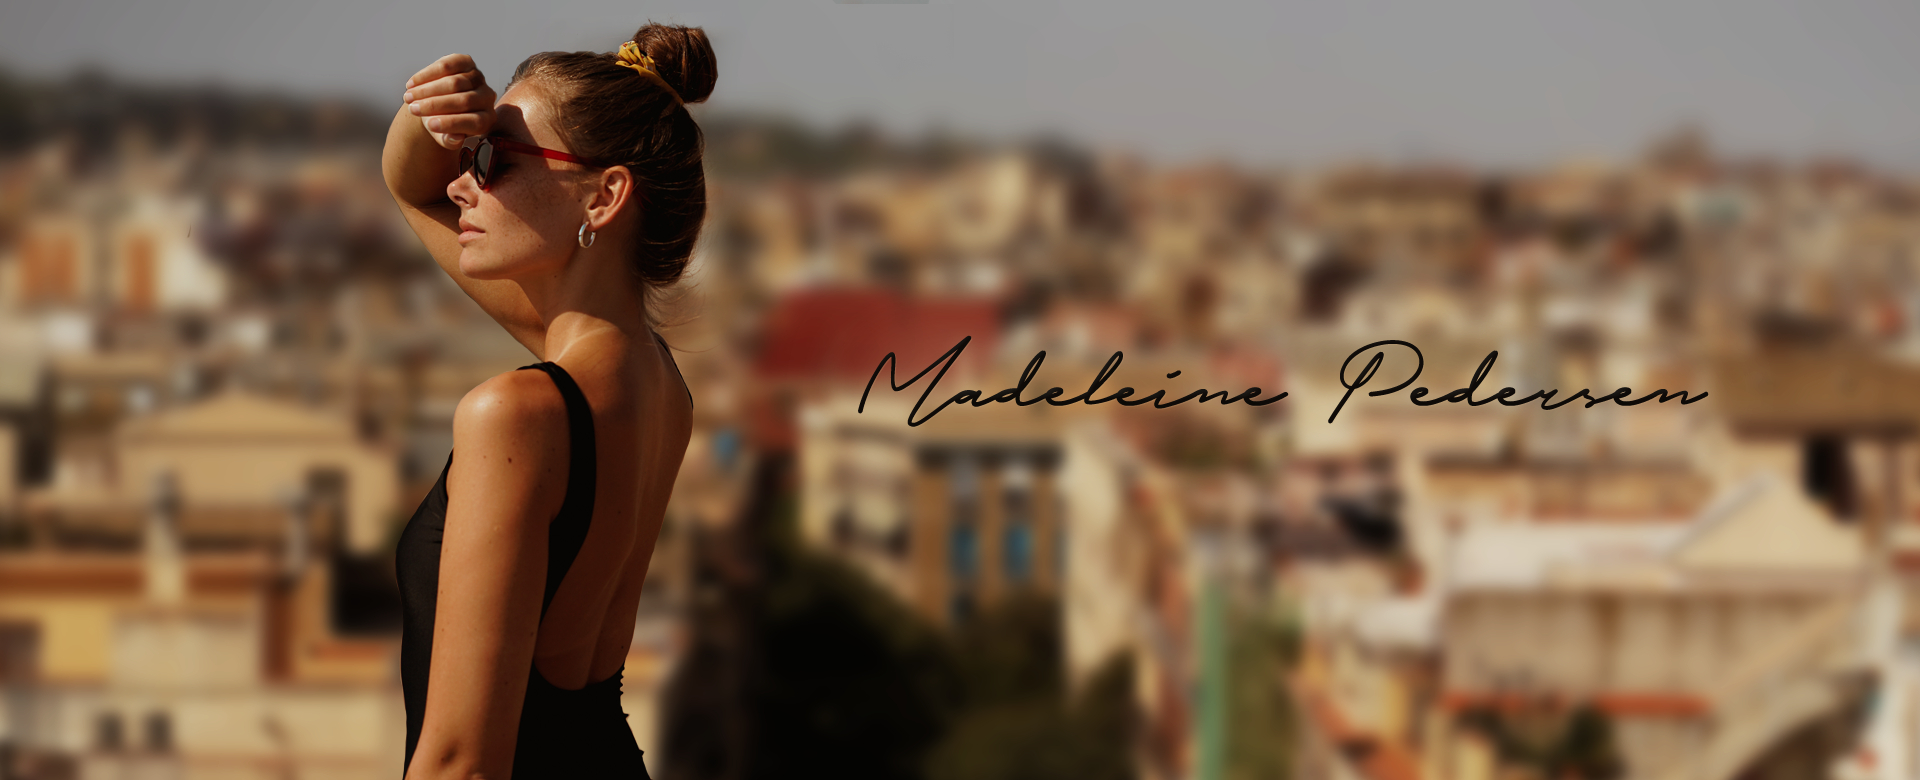 MADELEINE PEDERSEN